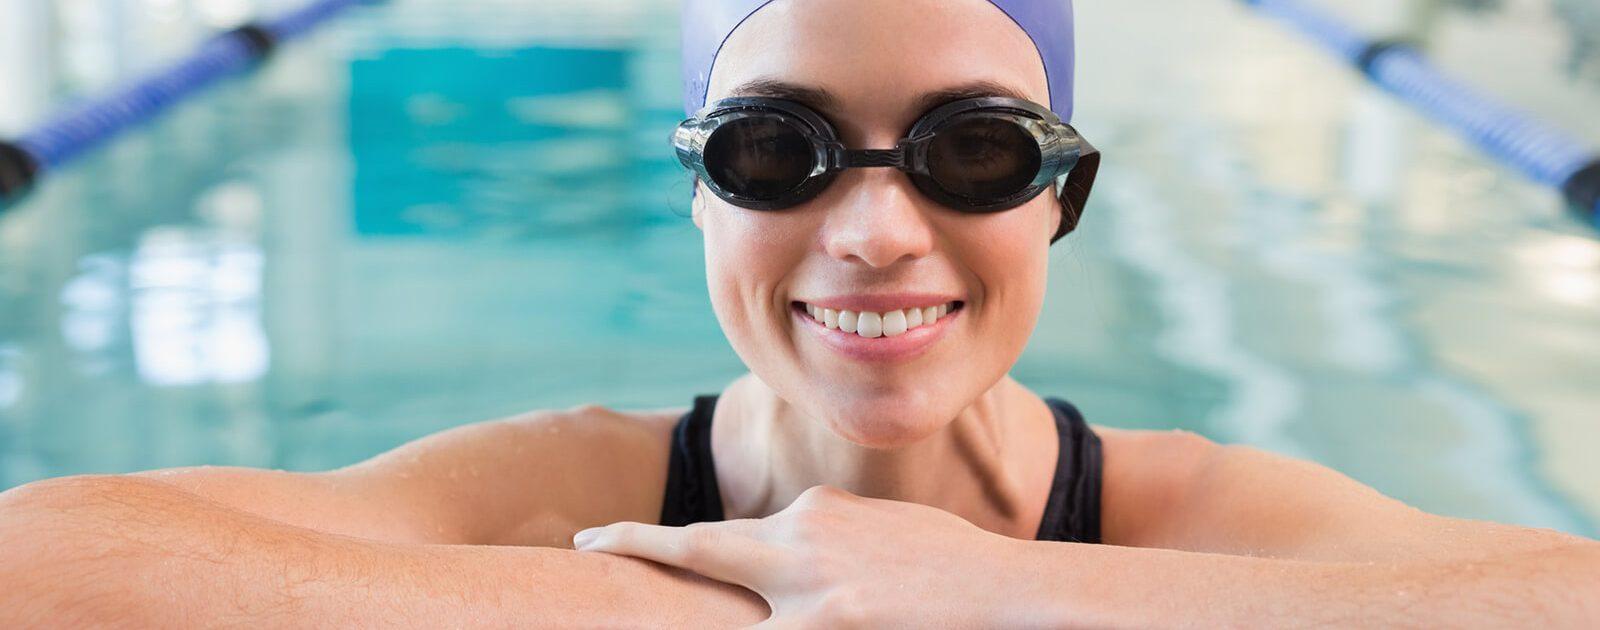 Schwimmerin mit empfindlichen Augen schützt sich mit Schwimmbrille vor gereizten Augen.